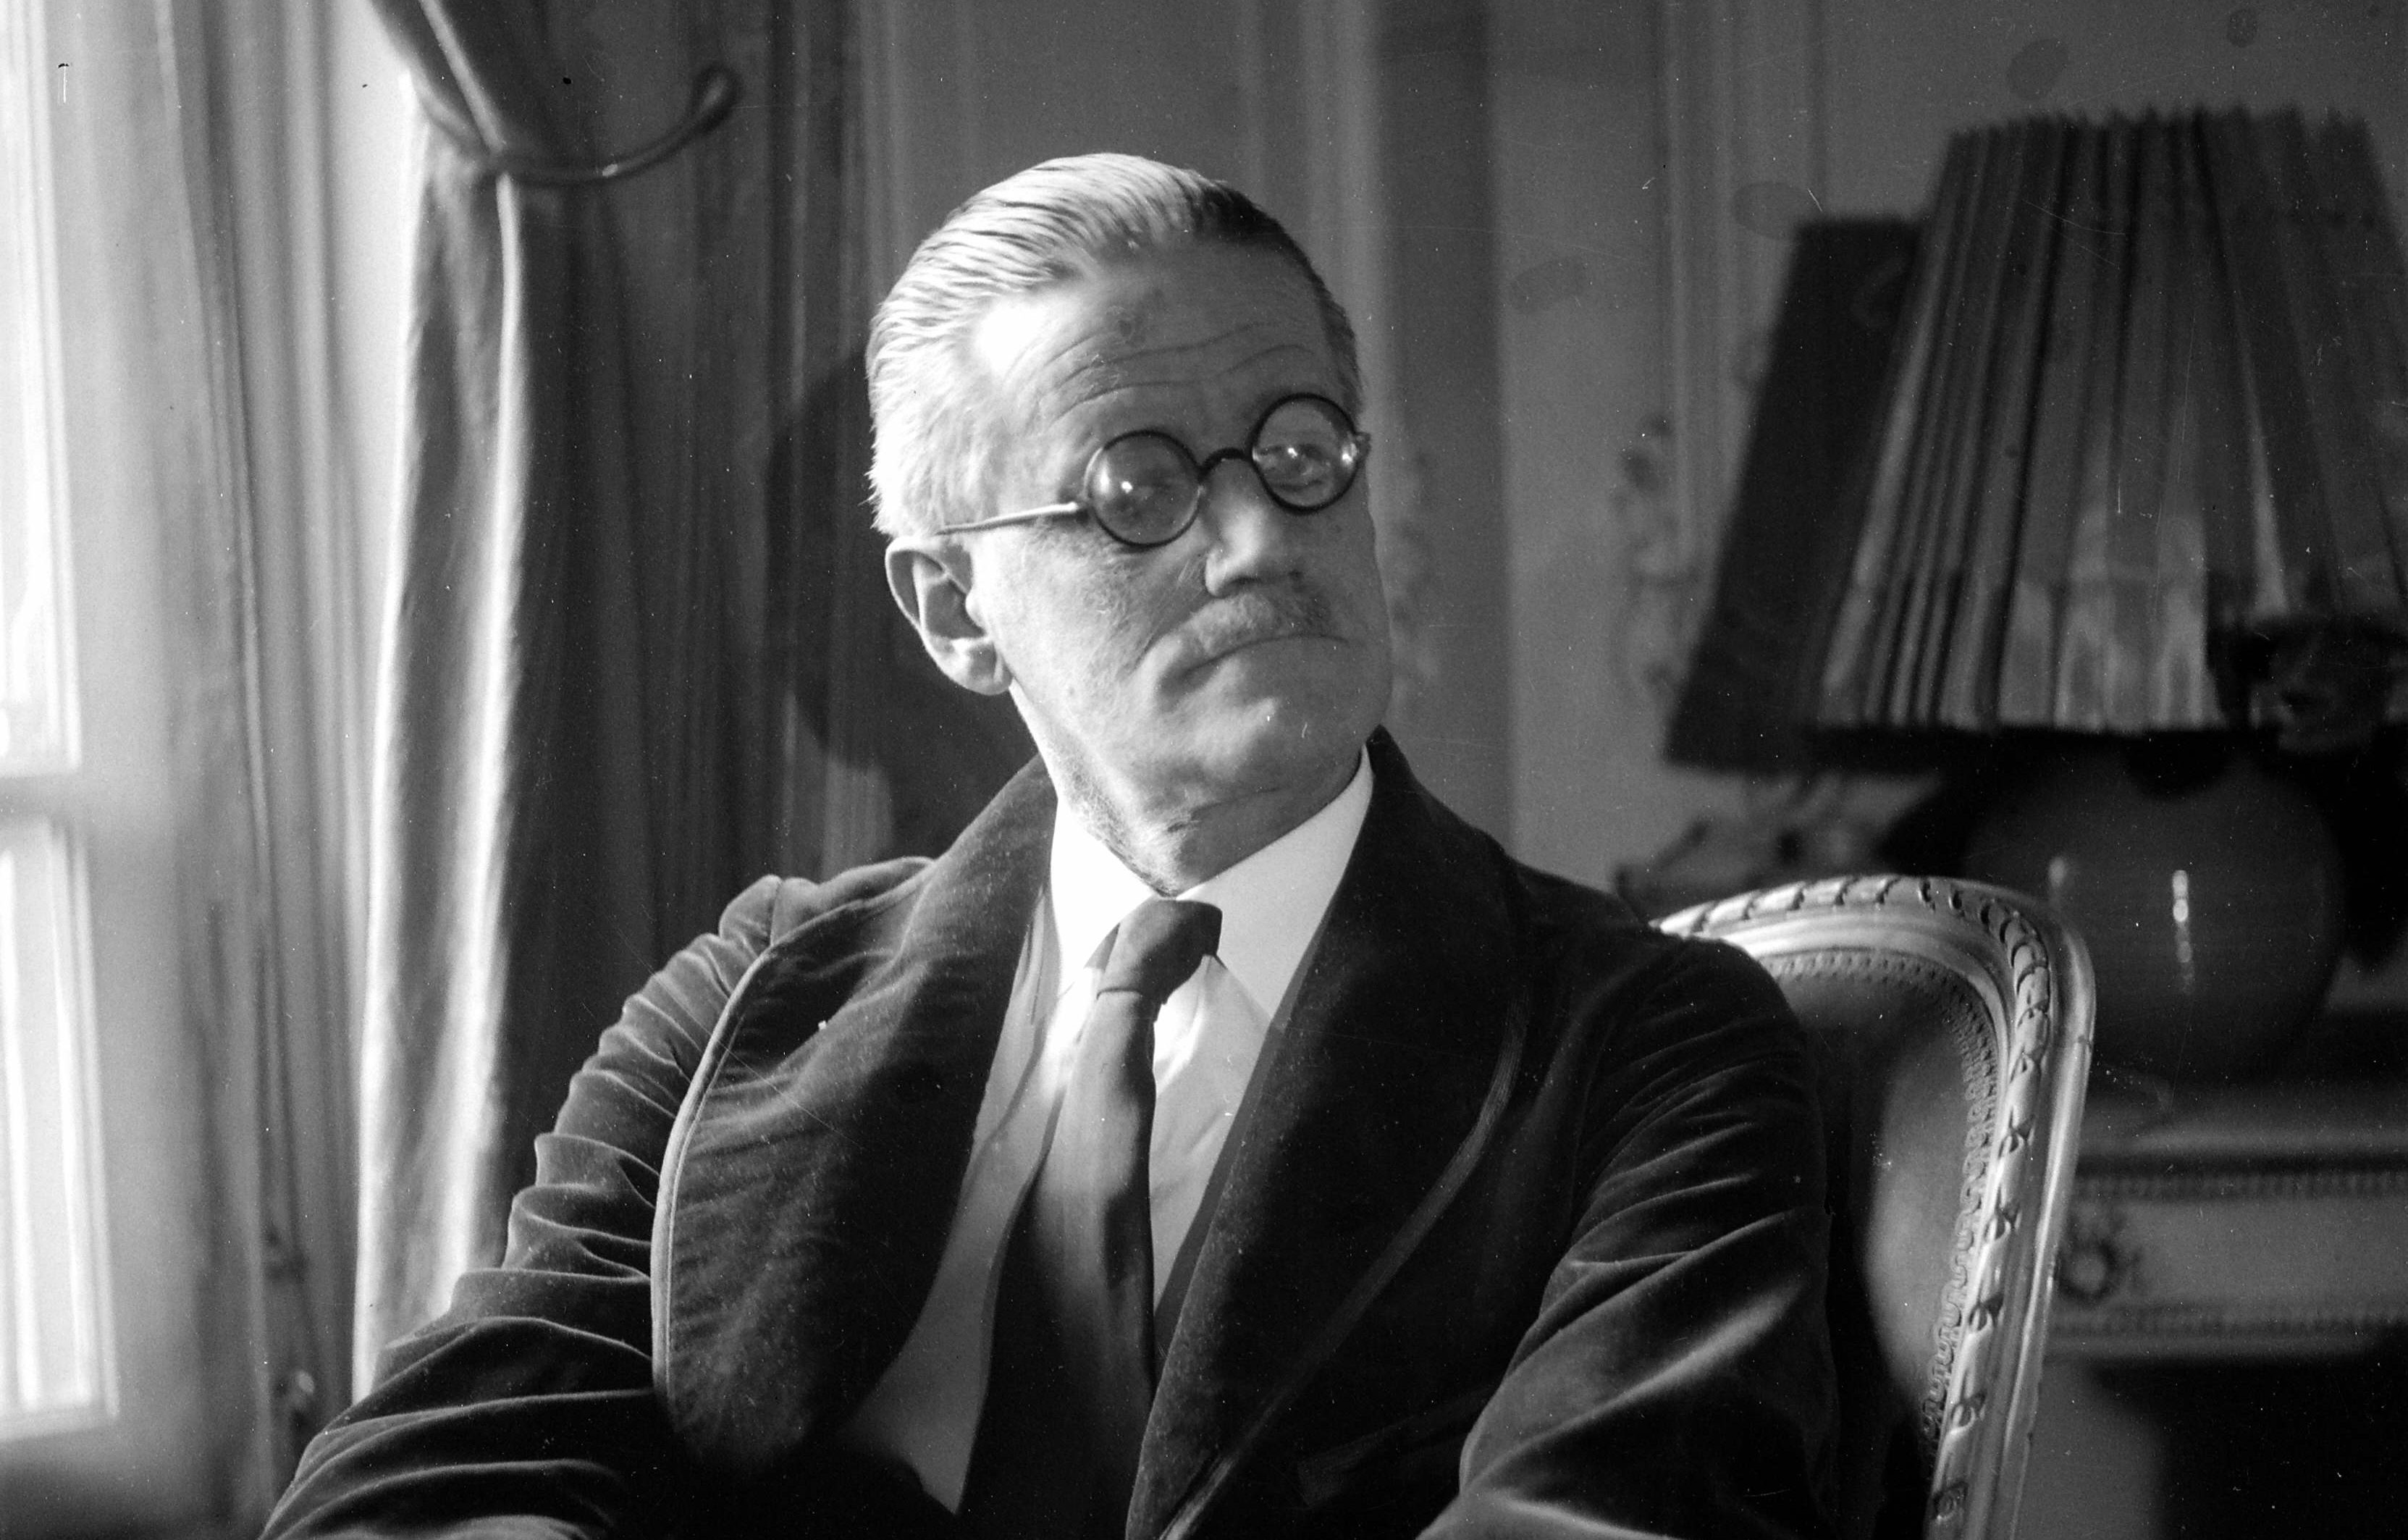 2 февраля 1882 года в Дублине родился Джеймс Джойс – ирландский писатель, одна из наиболее значительных фигур мировой литературы XX века.